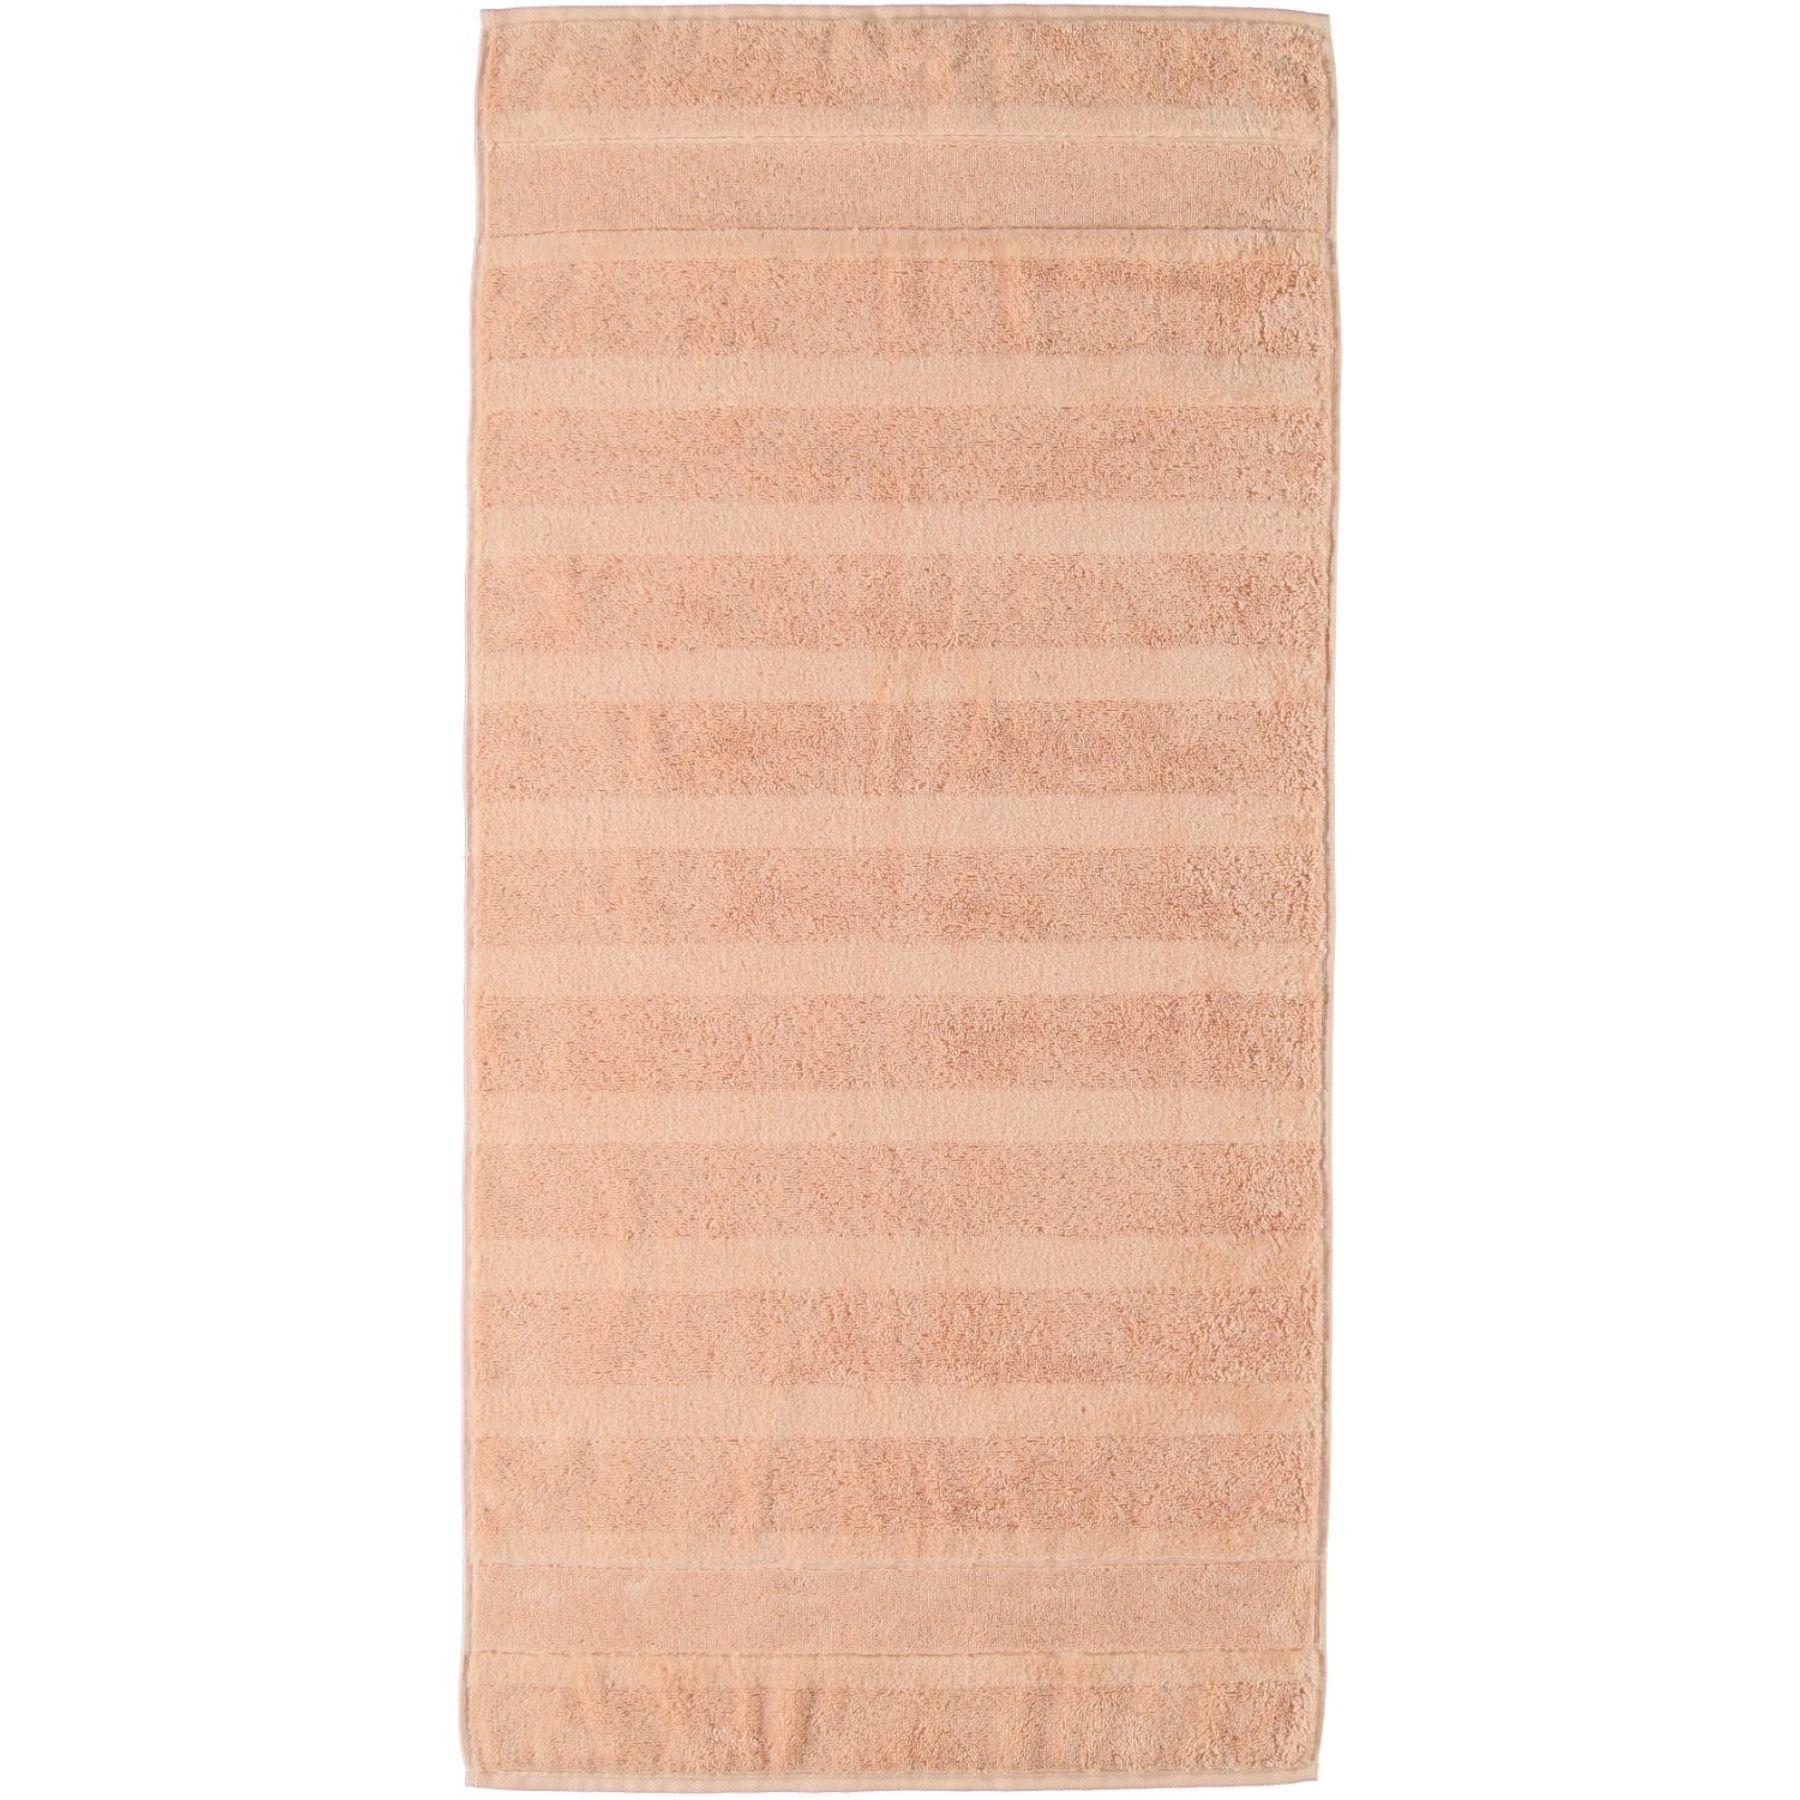 Cawö - Frottier Handtuch in verschiedenen Größen und Farben,  Noblesse (1002)  – Bild 7